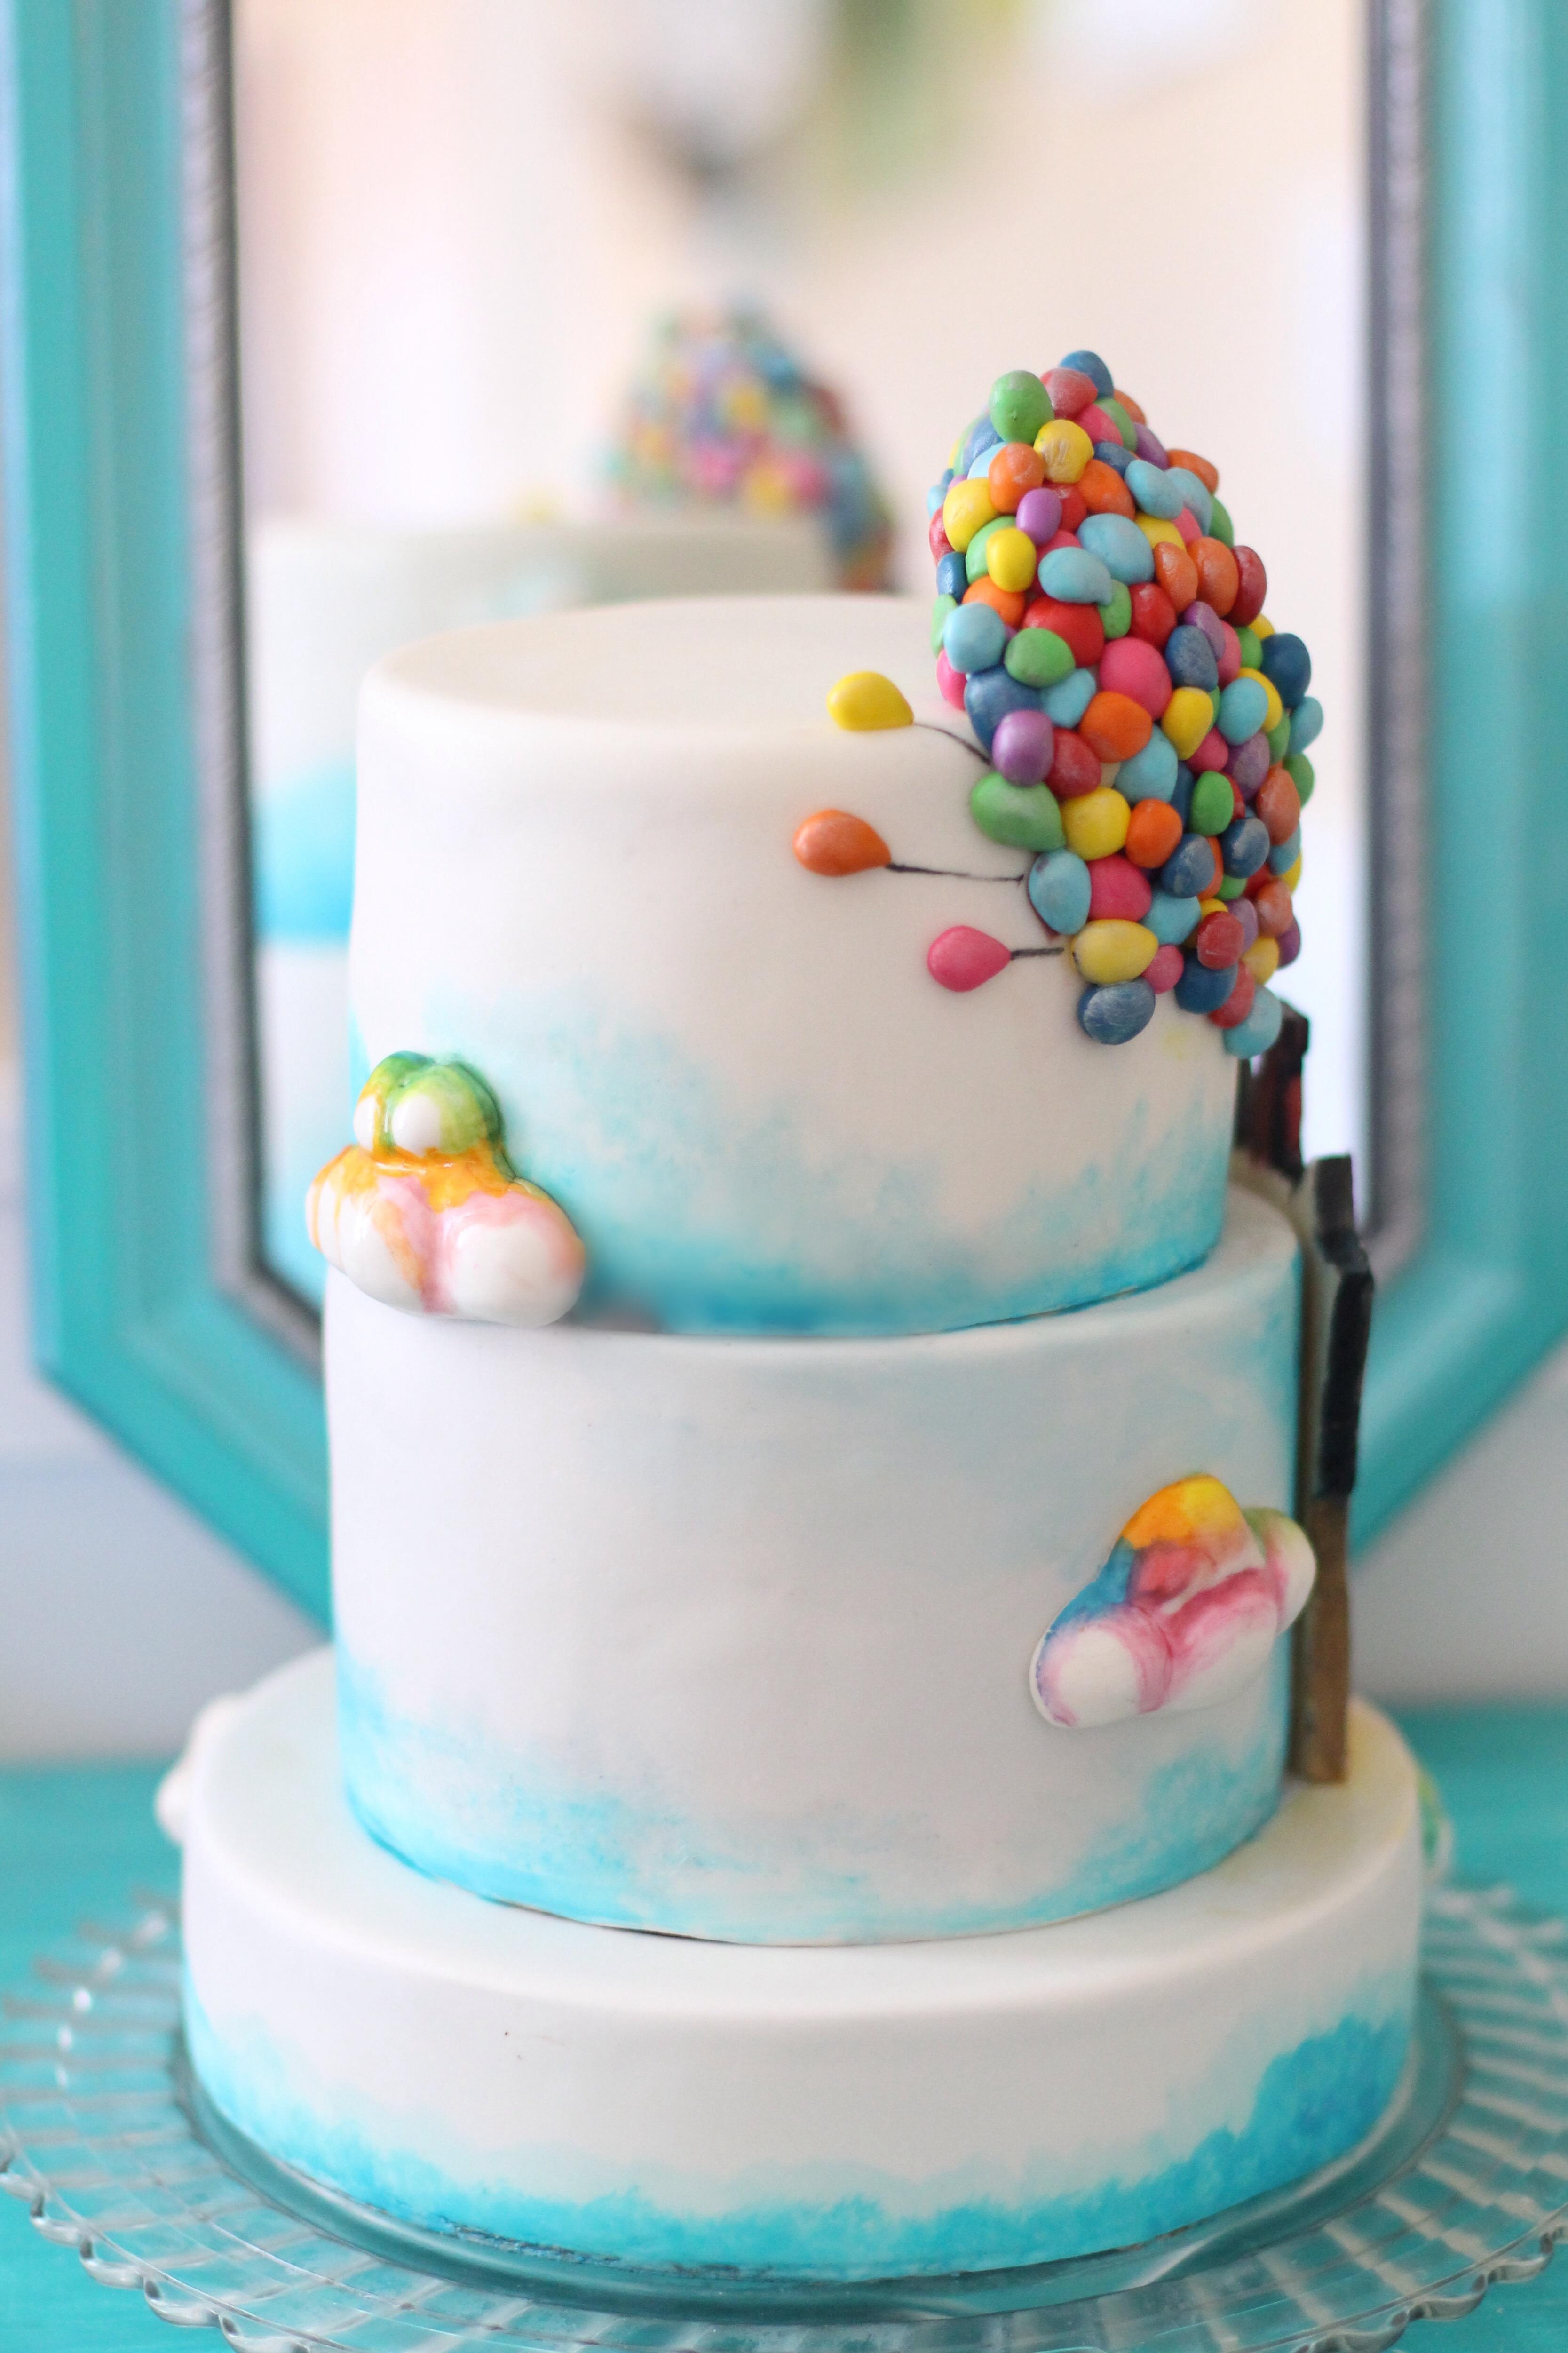 Up Themed Cake A Billion Tiny Hand Made Fondant Balloons ...